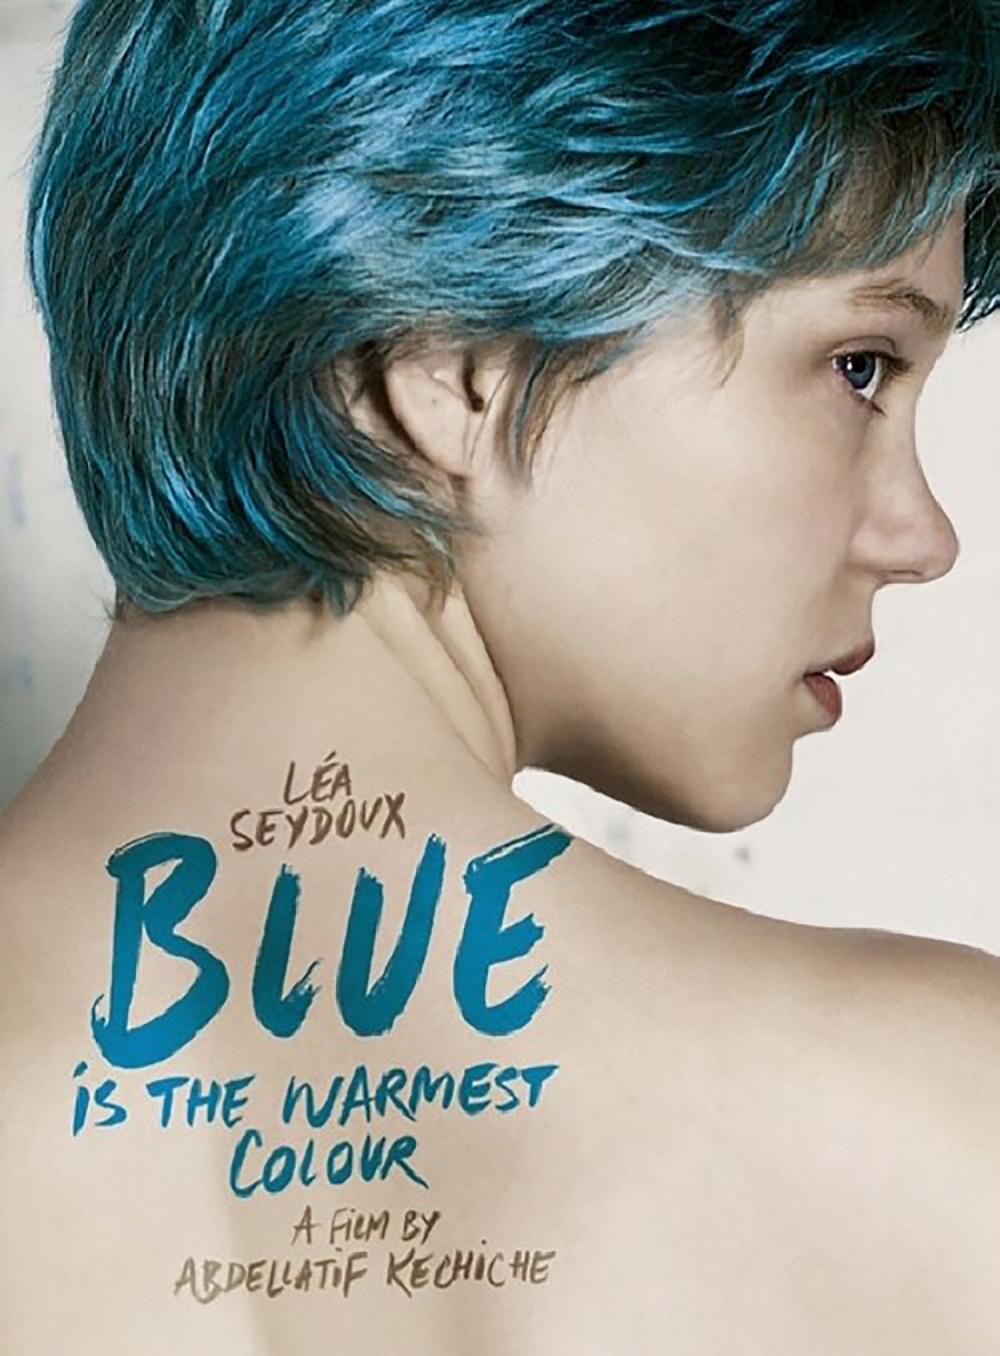 레아 세이두, 그는 누구?…'가장 따뜻한 색 블루'로 칸 영화제 황금종려상 수상